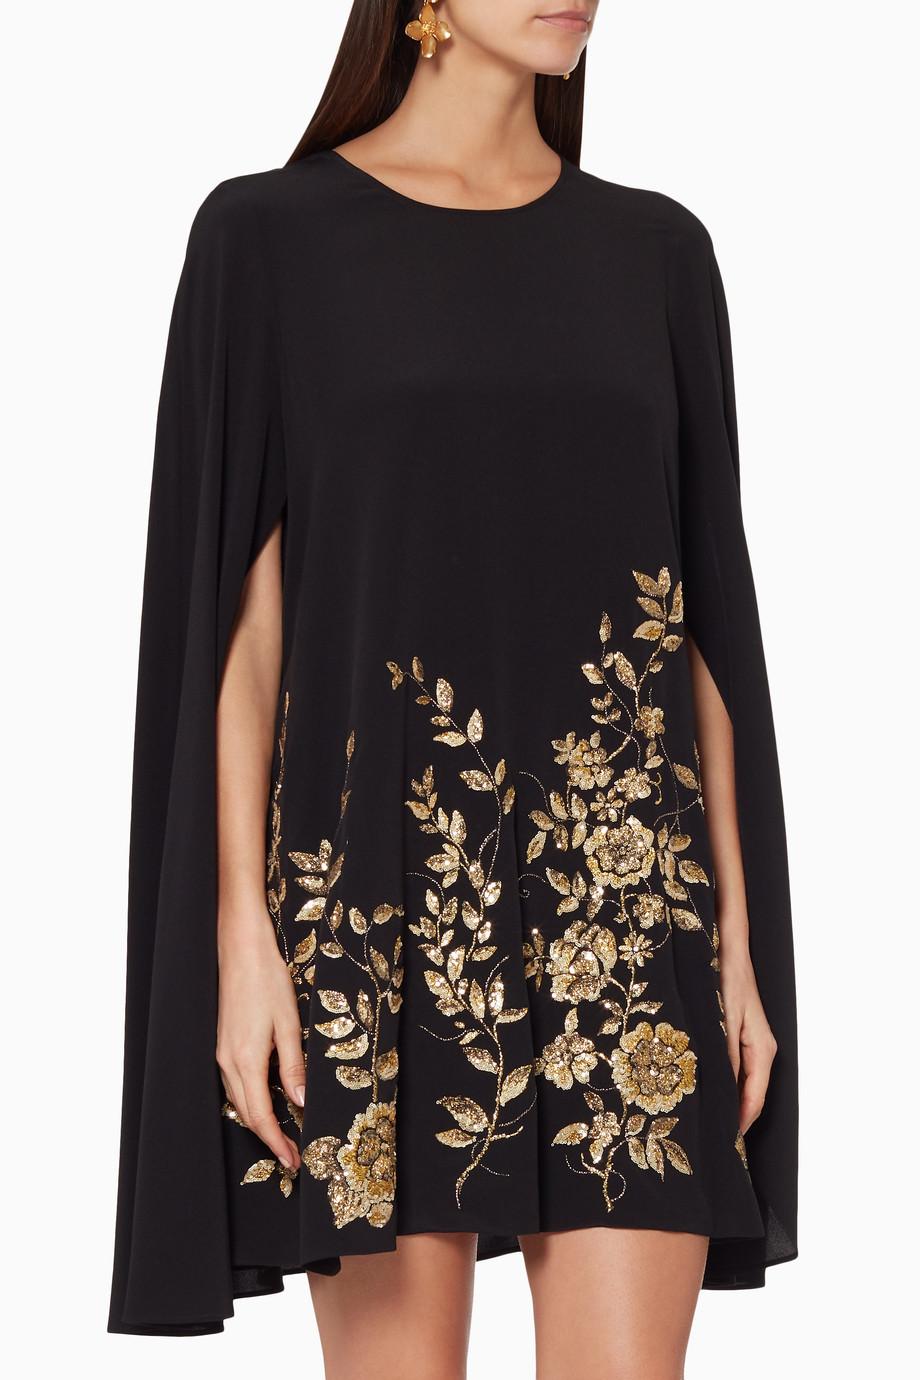 620d7f9964 Shop Etro Black Floral Sequin Embellished Cape Dress for Women ...